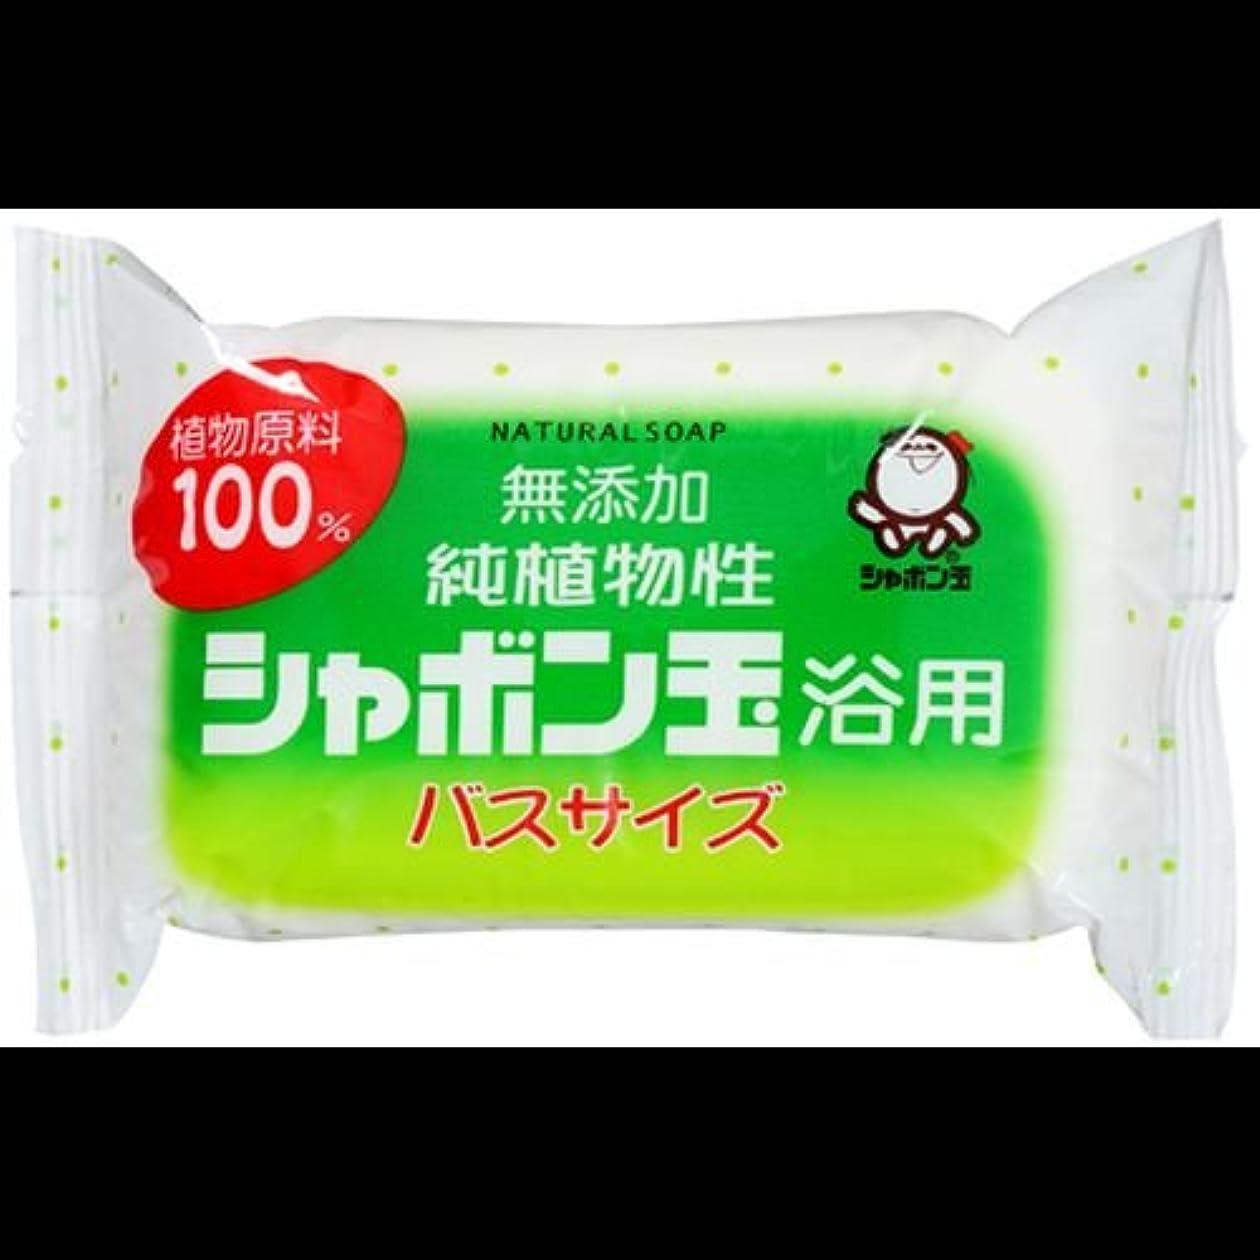 刈るナットトランスペアレント【まとめ買い】純植物性シャボン玉 浴用 バスサイズ155g ×2セット